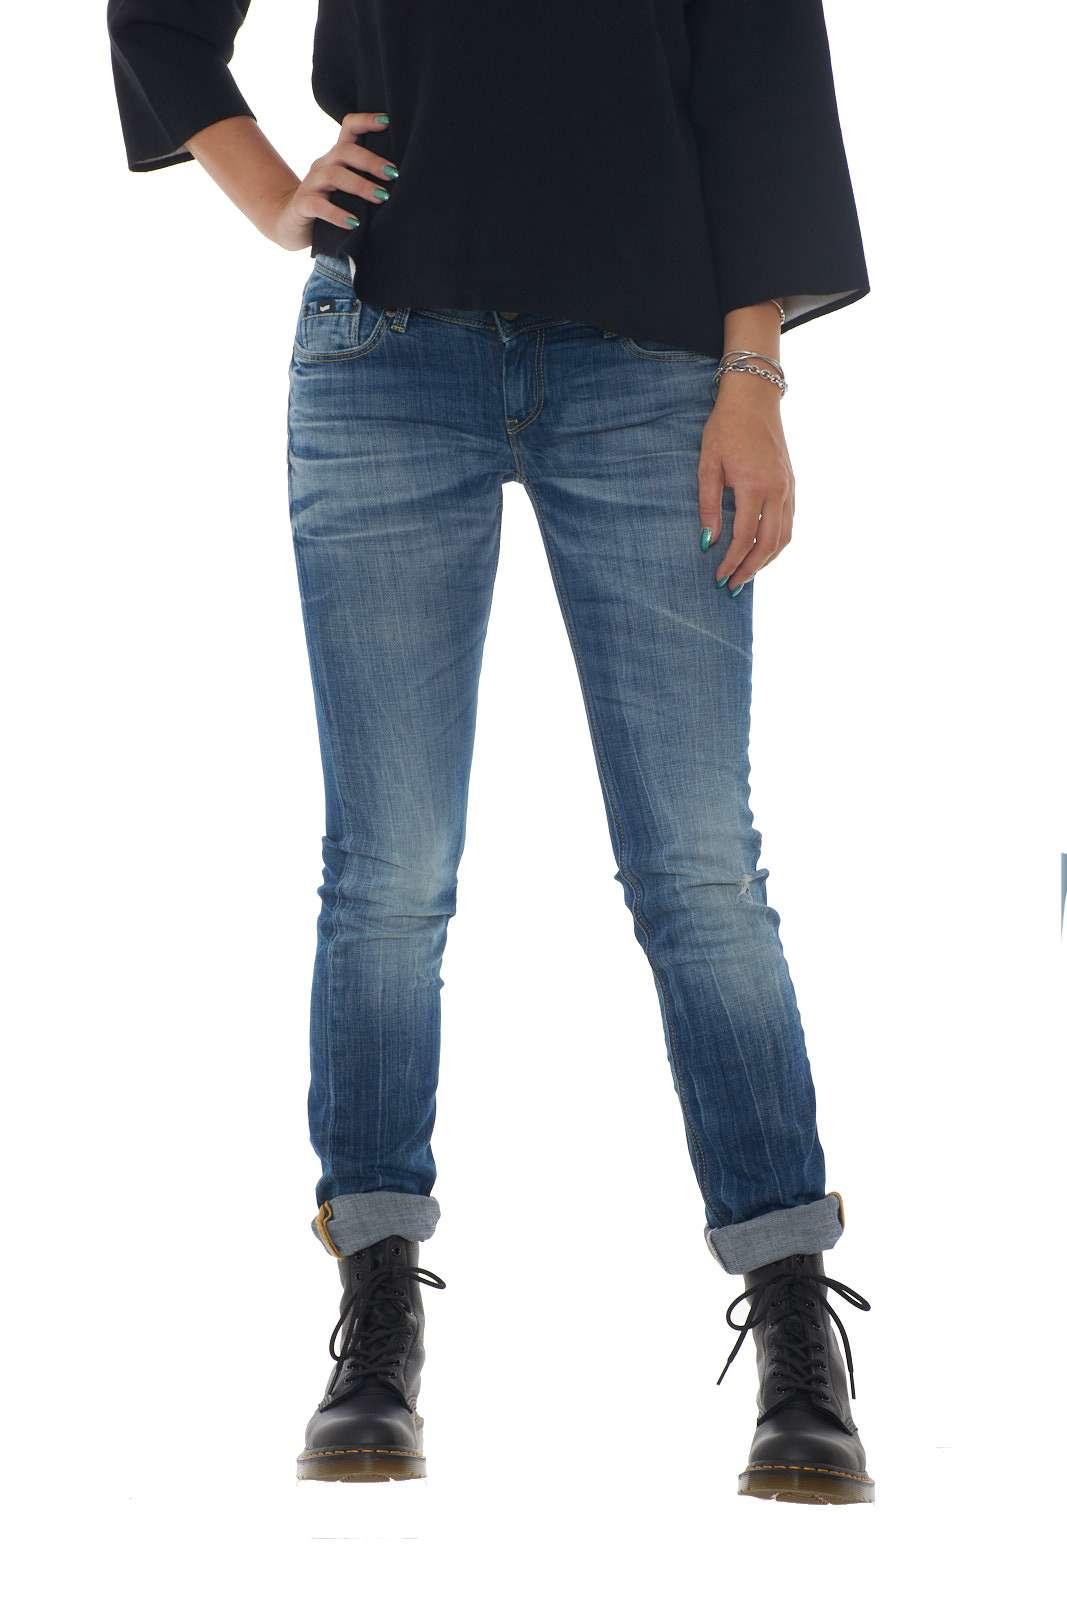 Un jeans dal taglio carrot fit, lungo alla caviglia e comodo da indossare quello proposto da Gas. Unione di stile e versatilità, ideale infatti, da indossare con felpe, t-shirt, camicie per tutti i tipi di occasioni, informali e non. Un capo che si imporrà nel tuo outfit. La modella è alta 1.80m e indossa la taglia 28.